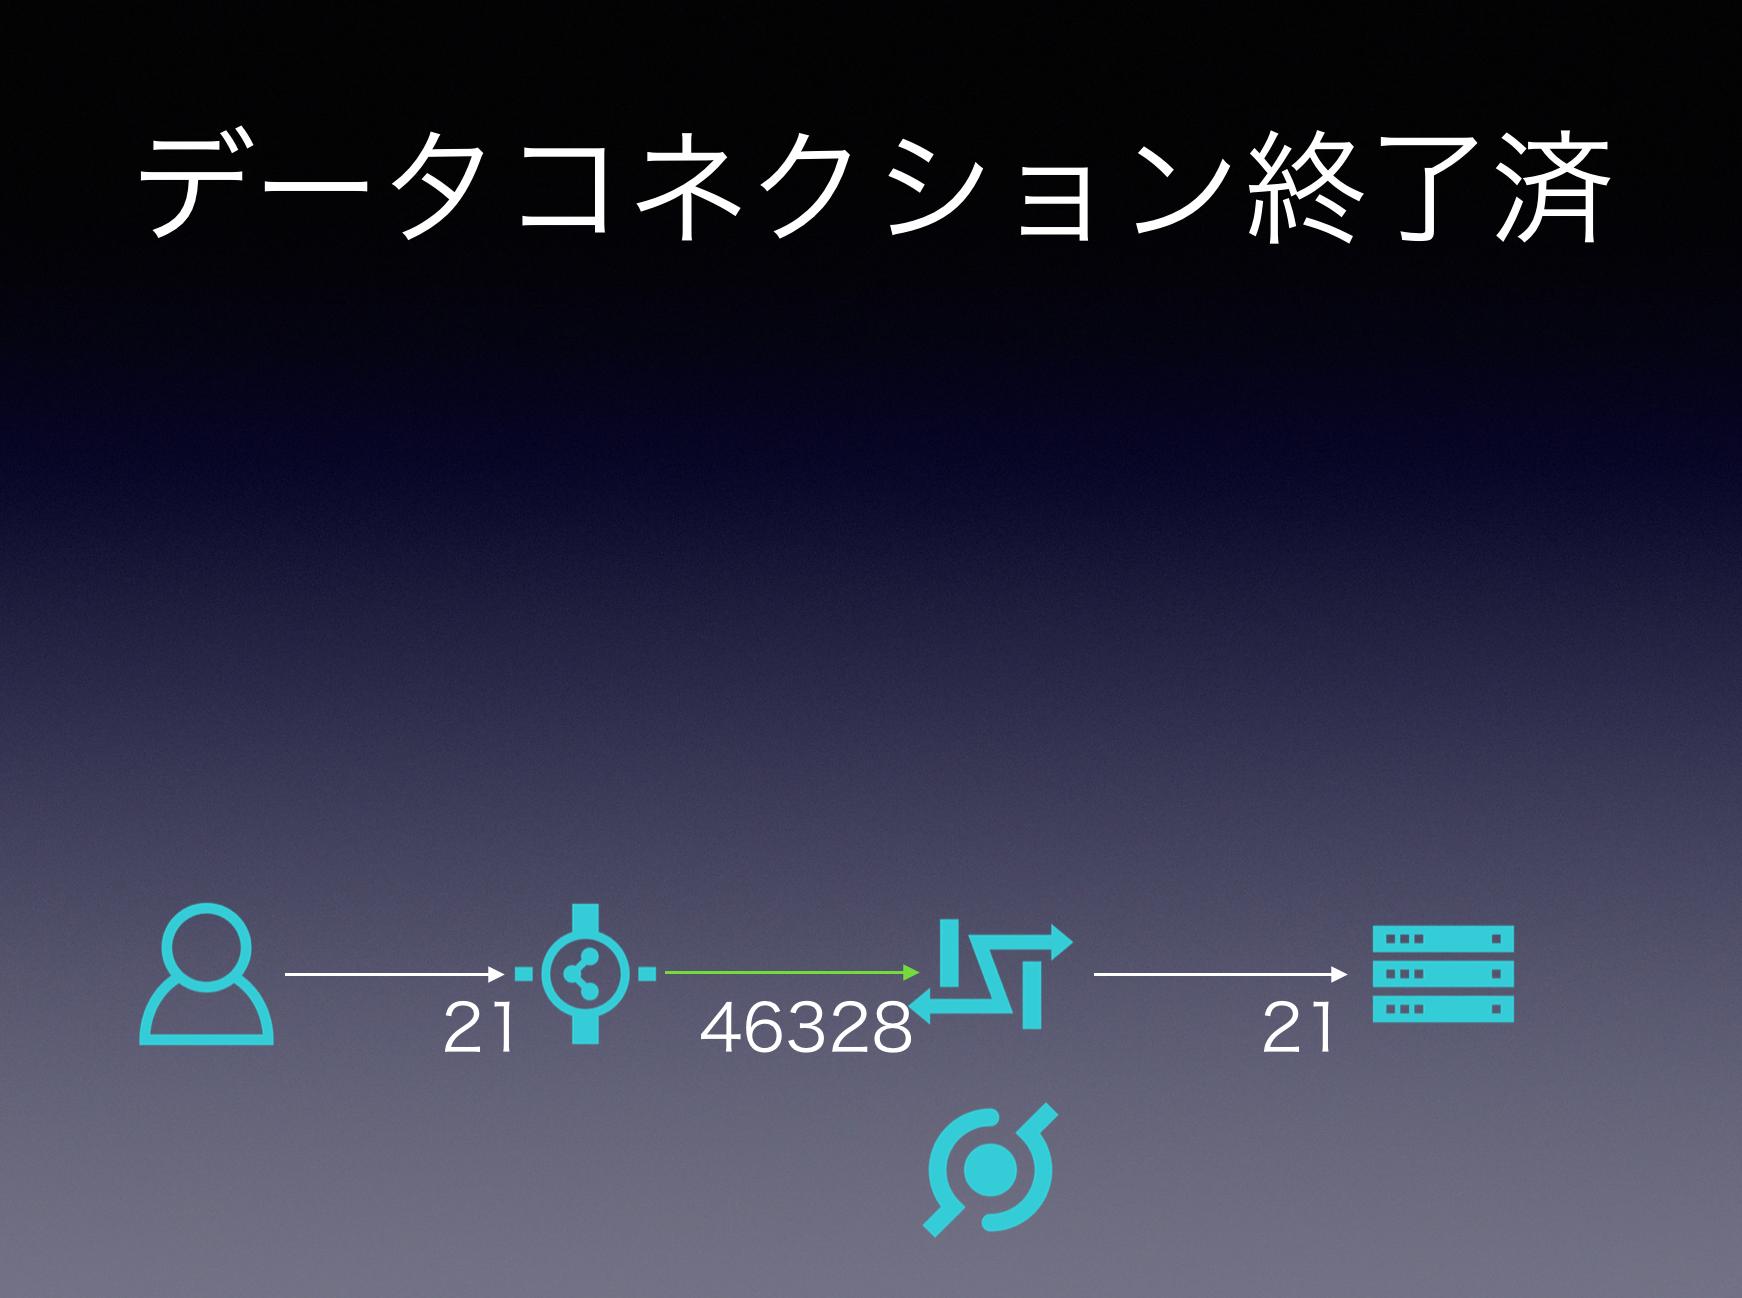 スクリーンショット 2019-12-07 22.37.32.png